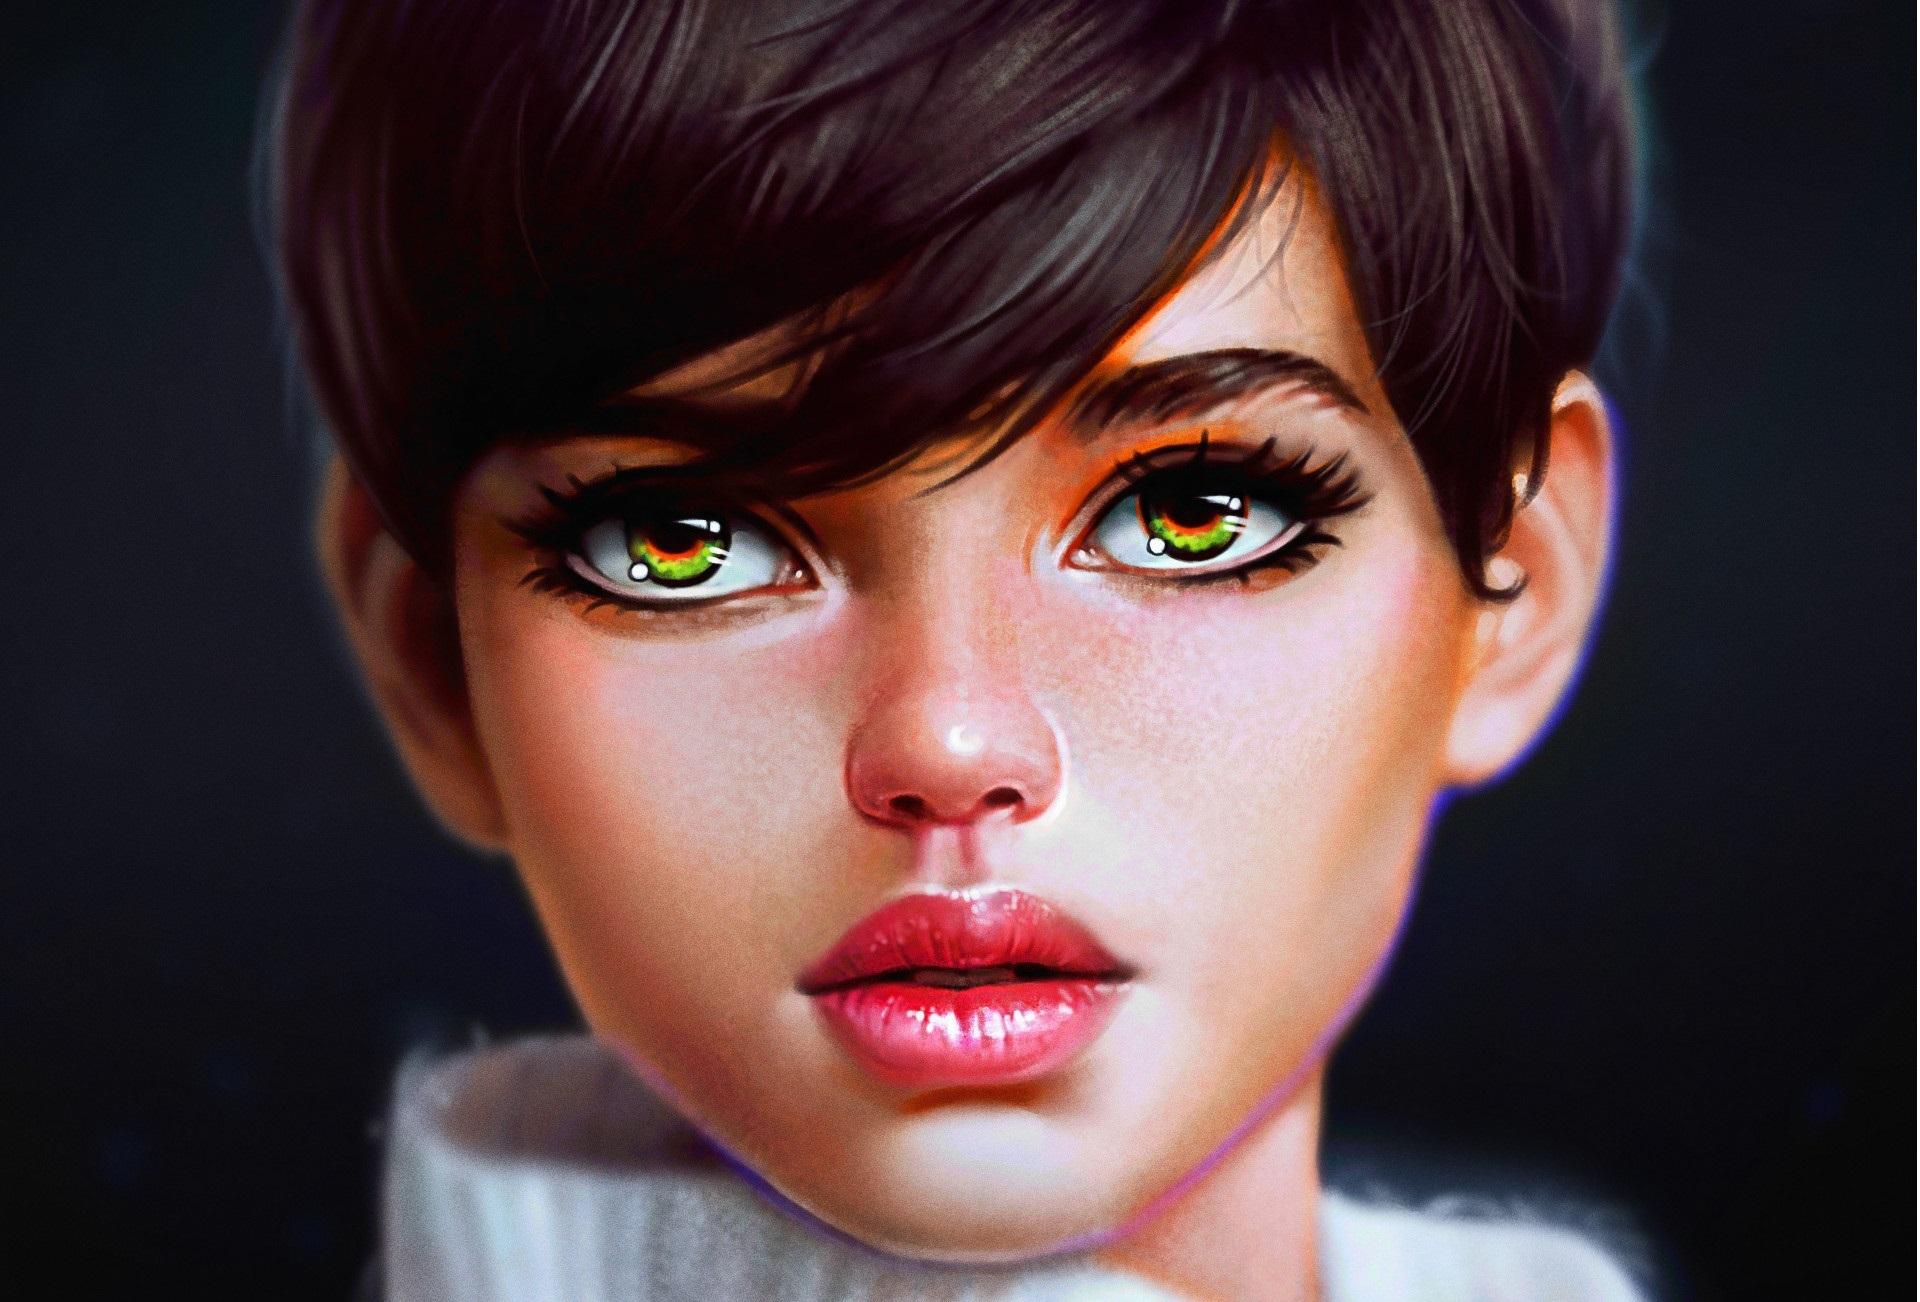 Картинки девочек с зелеными глазами